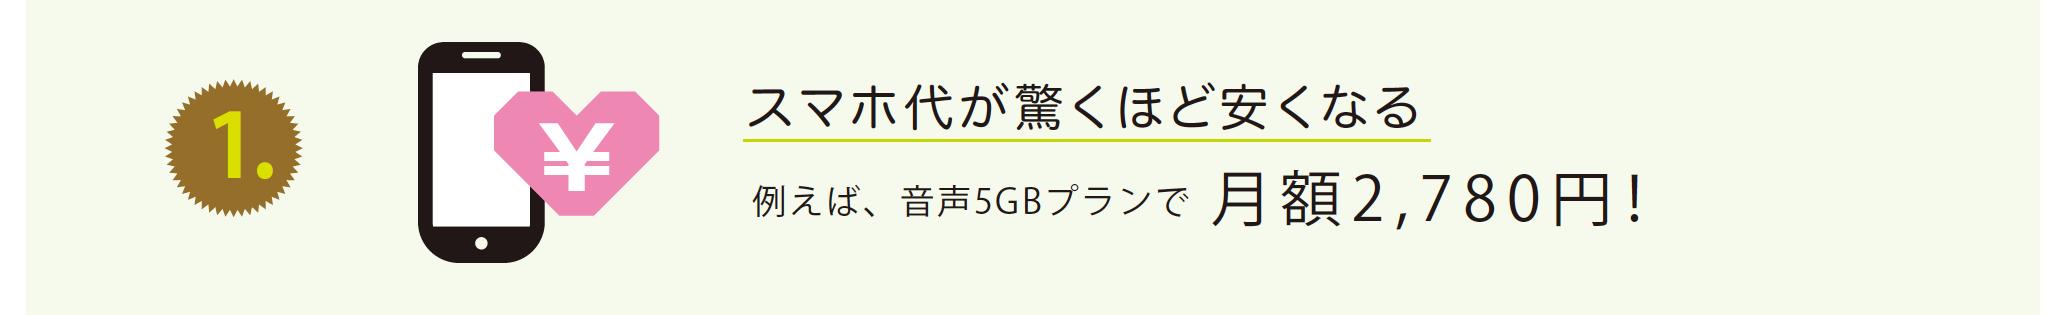 スマホ代が驚くほど安くなる 例えば、音声5GBプランで、月額2,780円!